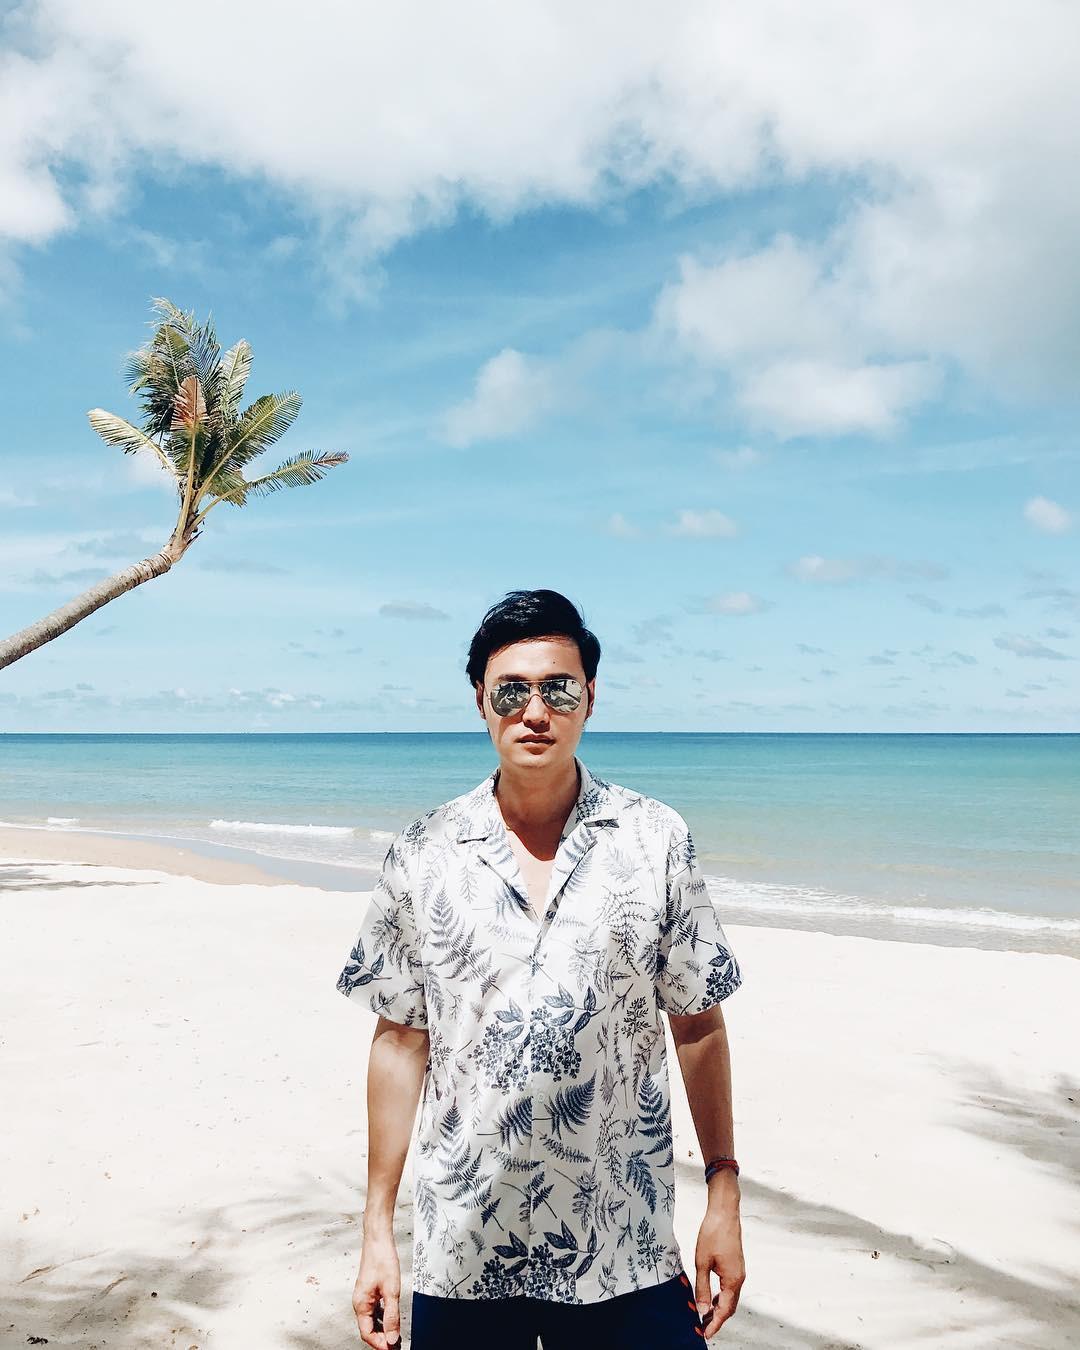 Loạt YouTube về du lịch siêu hot của sao Việt: Trấn Thành - Hari Won chễm chệ ngôi vương với 1,7 triệu người đăng kí - Ảnh 9.